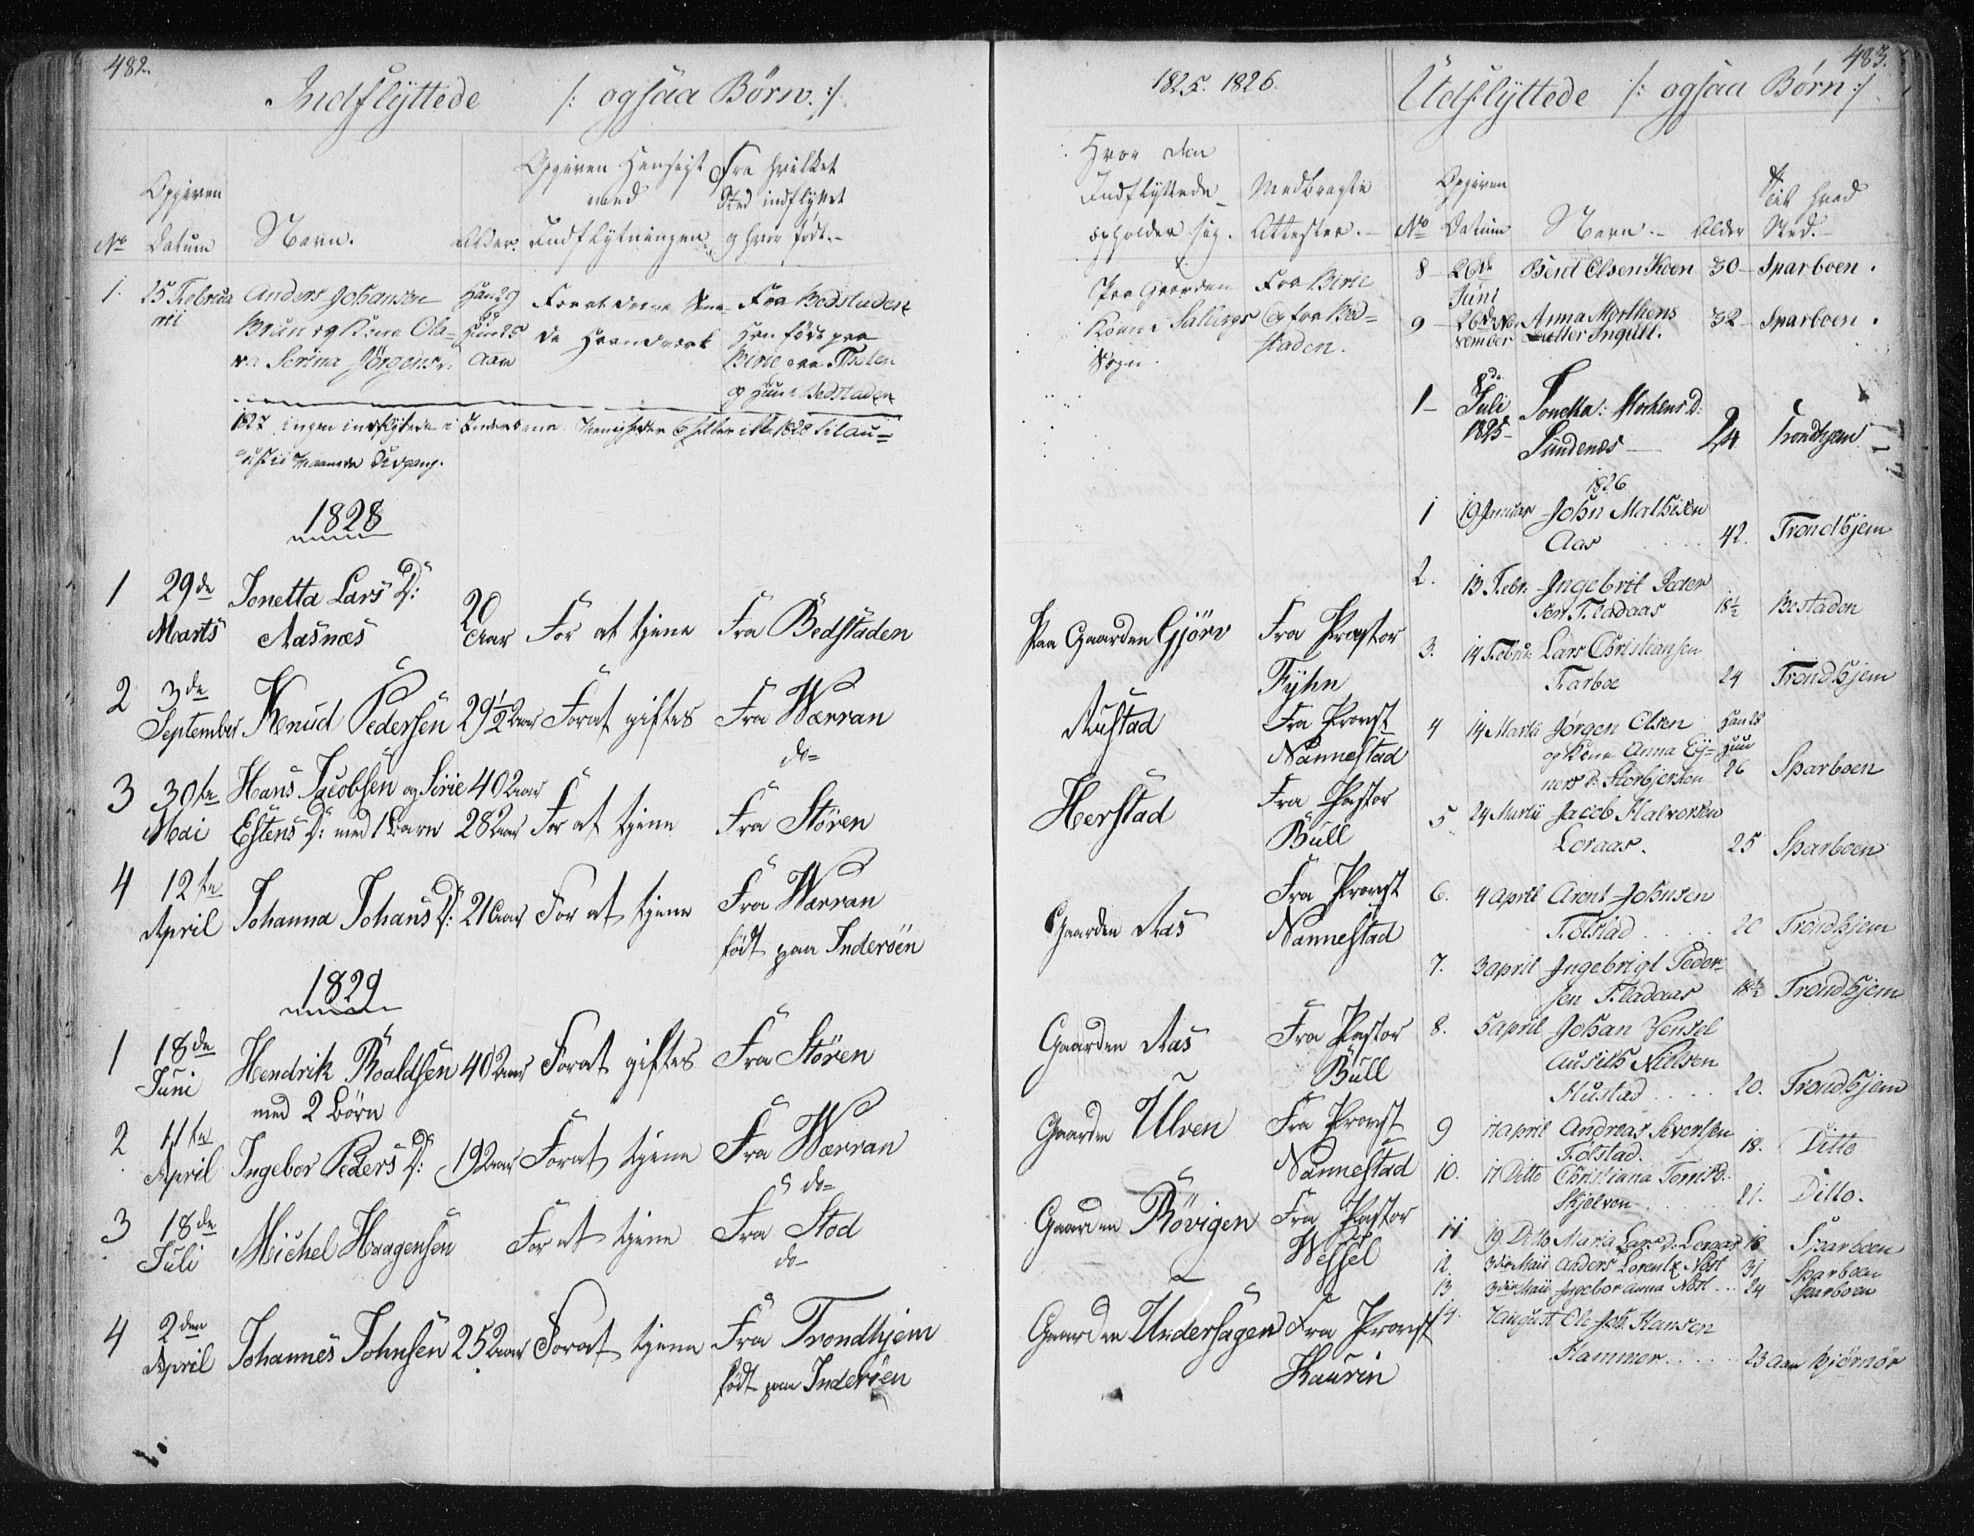 SAT, Ministerialprotokoller, klokkerbøker og fødselsregistre - Nord-Trøndelag, 730/L0276: Ministerialbok nr. 730A05, 1822-1830, s. 482-483